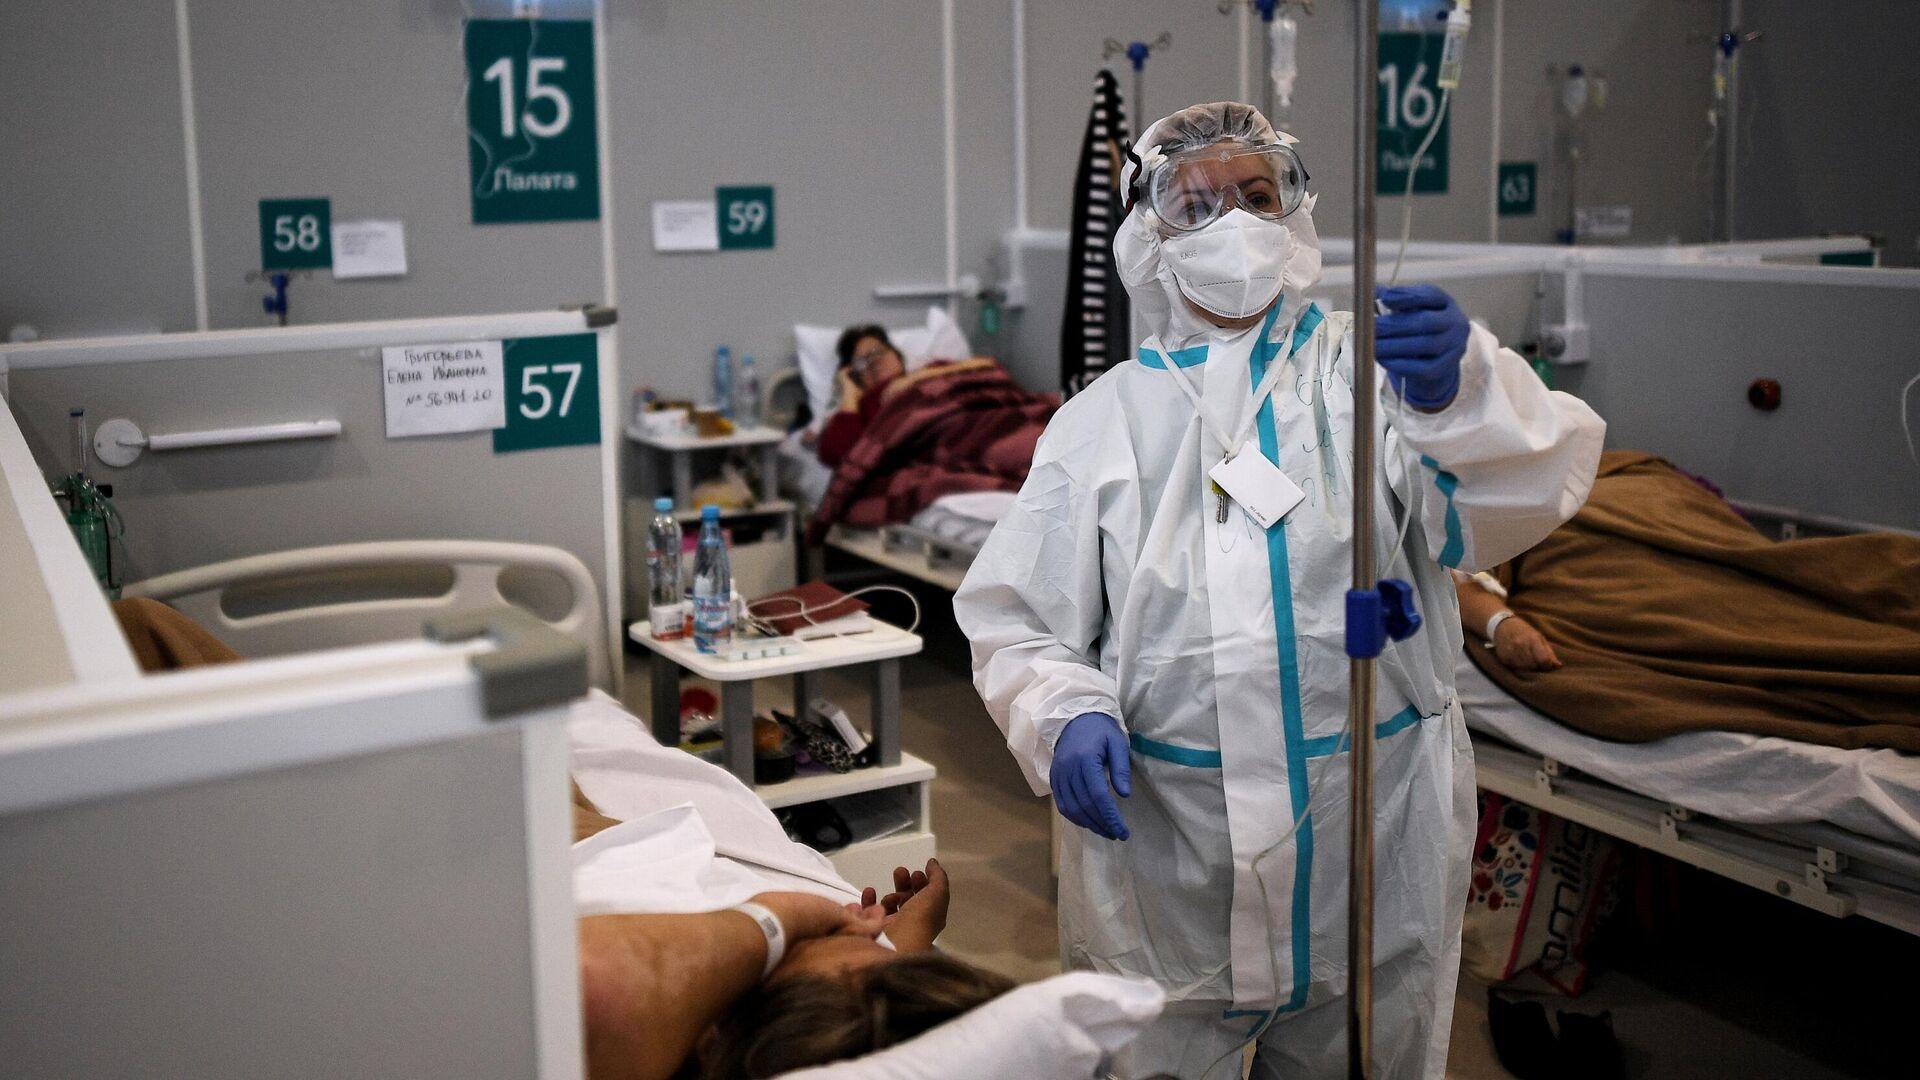 Медицинский работник во временном госпитале для пациентов с COVID-19 в Сокольниках - РИА Новости, 1920, 03.01.2021